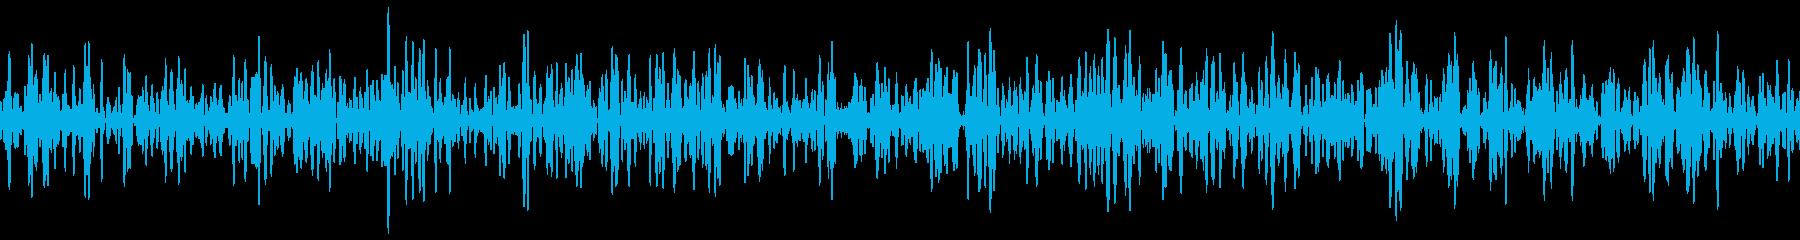 地震ランブルモノの再生済みの波形